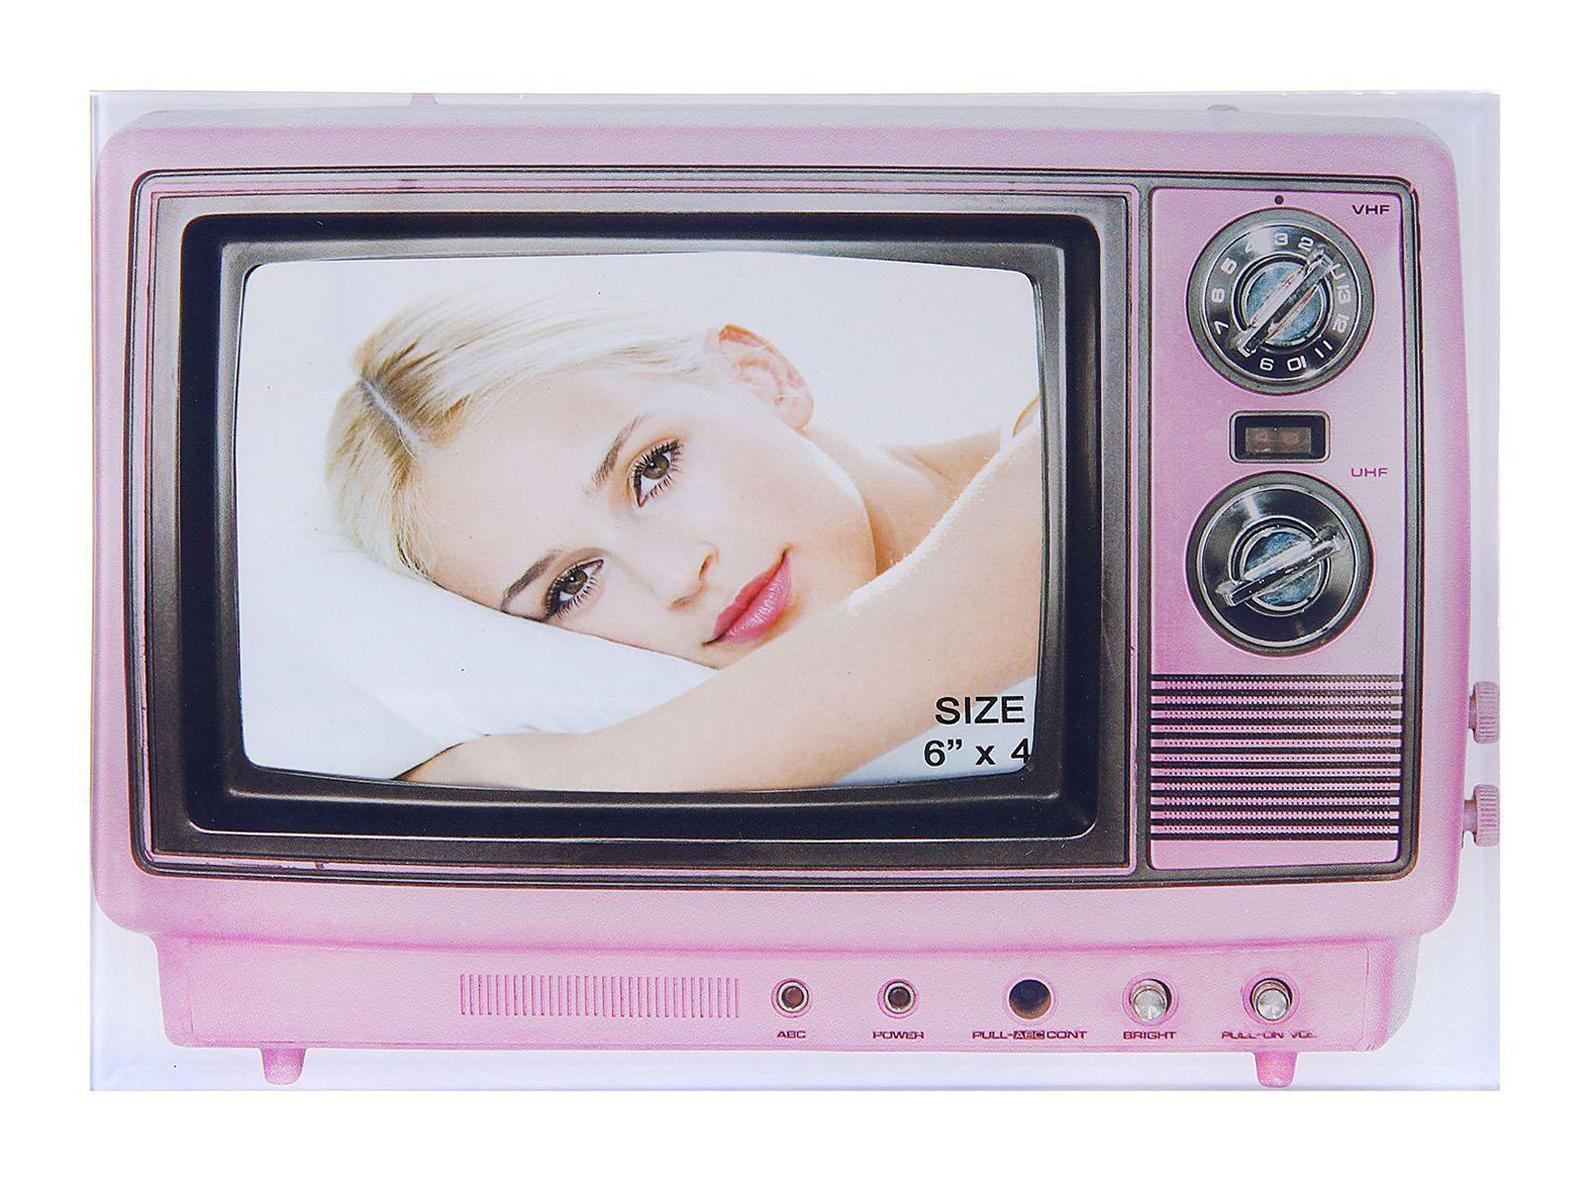 Фоторамка Sima-land Розовый телевизор, 10 х 15 см133422Фоторамка Sima-land Розовый телевизор - прекрасный выбор для тех, кто хочет сделать запоминающийся презент родным и близким. Поможет создать атмосферу праздника. Такой подарок запомнится надолго. В нем прекрасно сочетаются цена и качество.